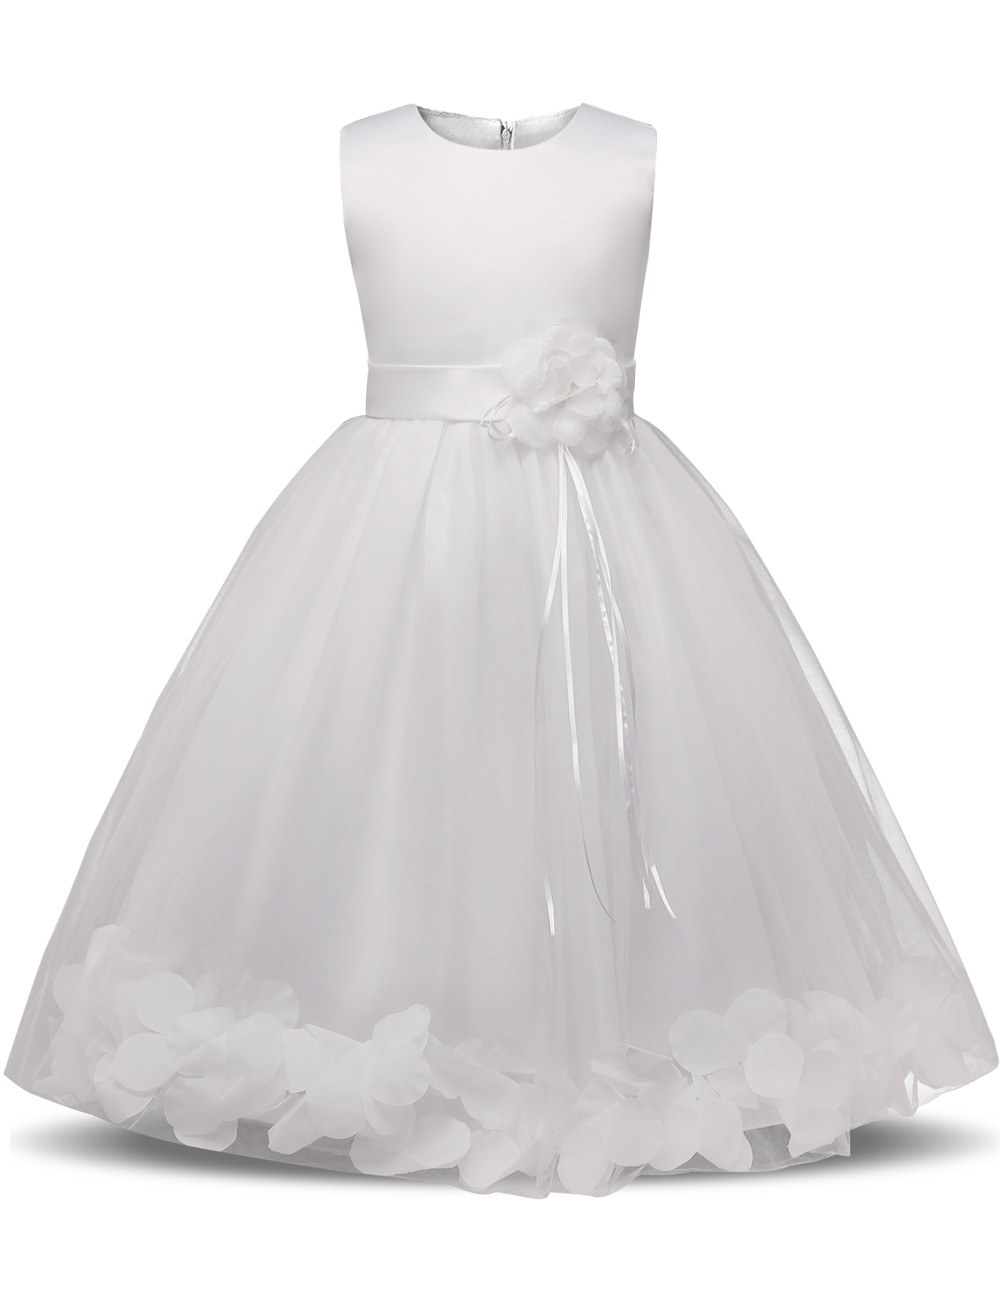 Berühmt Kleider Partei Junior Bilder - Hochzeit Kleid Stile Ideen ...